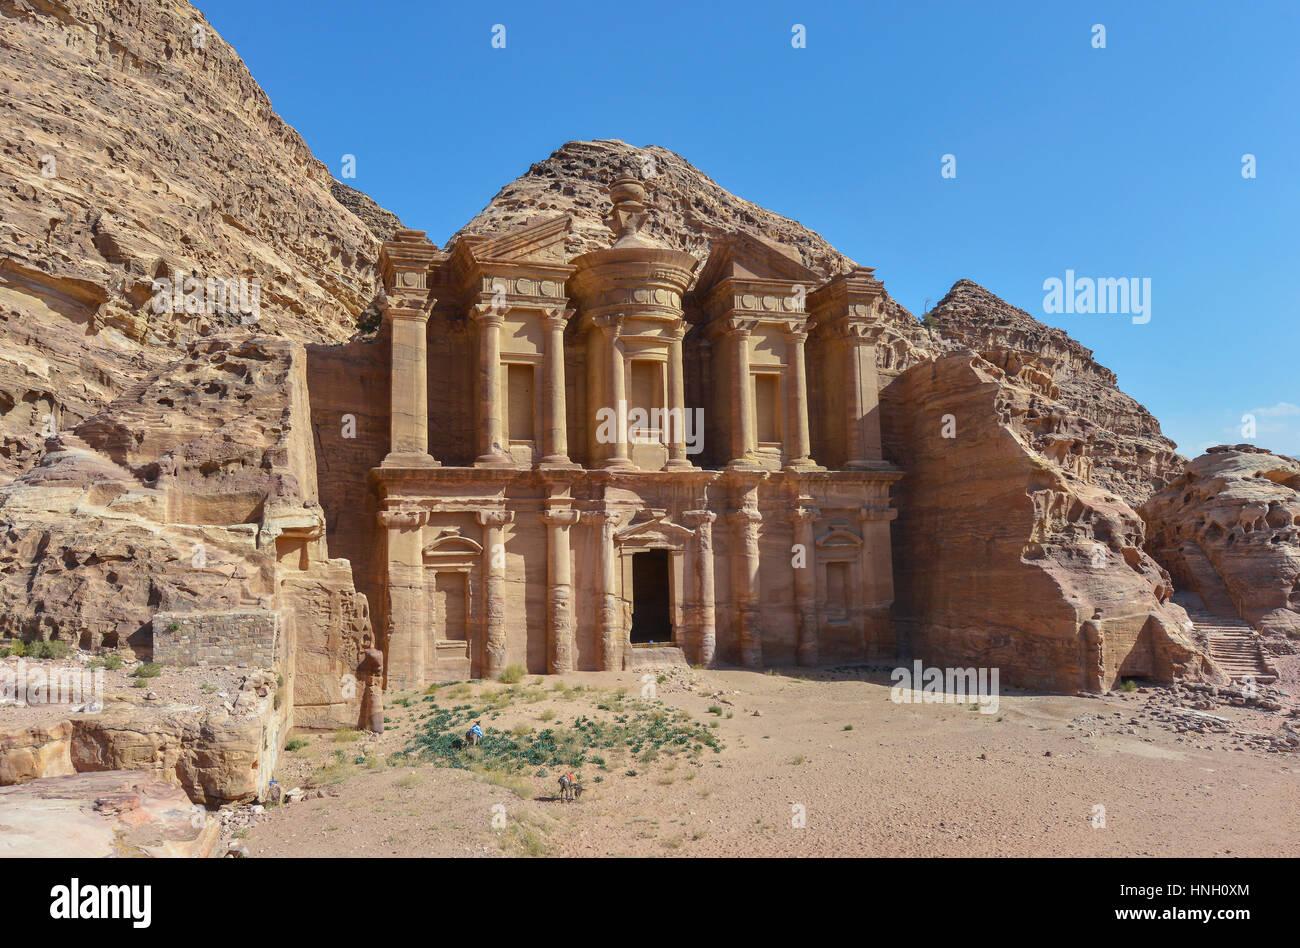 Annonce Deir, le monastère du Temple de Pétra, en Jordanie. Petra a conduit à sa désignation Photo Stock